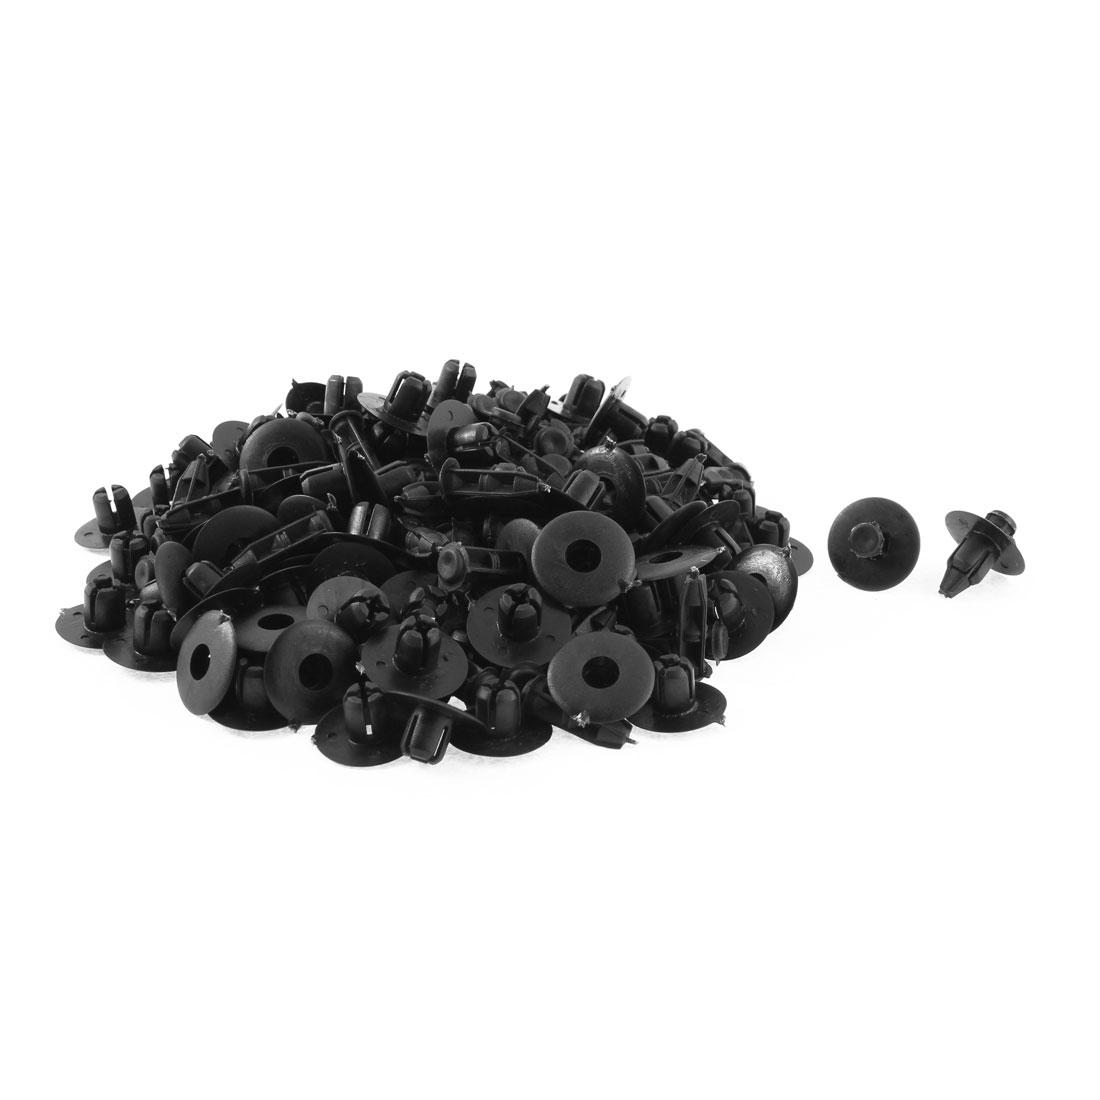 100 Pcs 20mm Head Dia Black Plastic Push-Type Door Bumper Retainer Clip Rivets